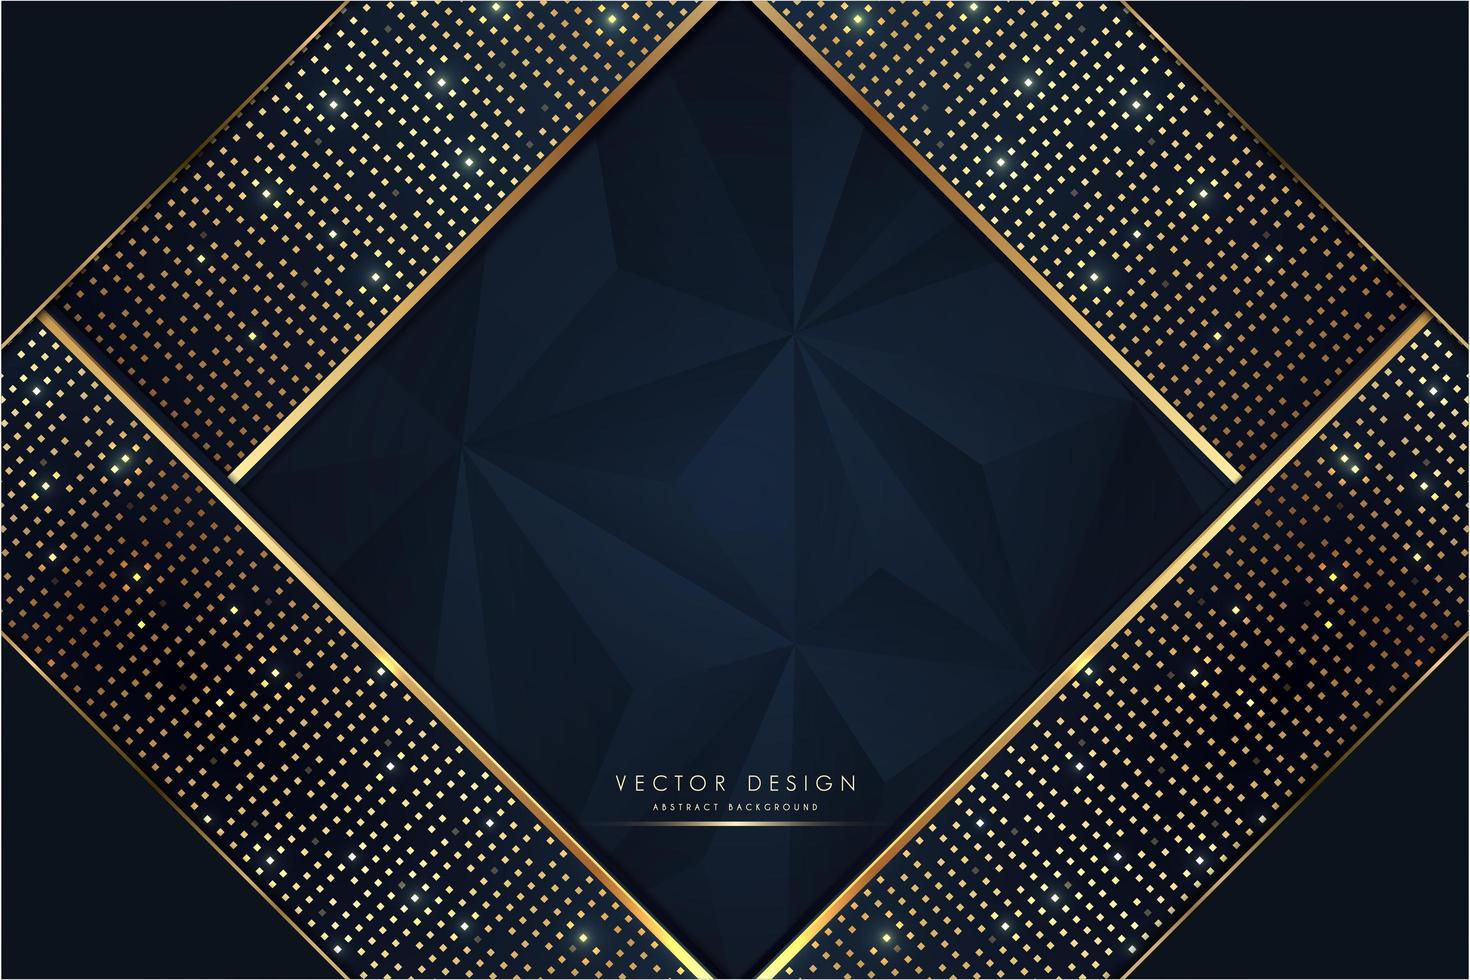 luxe blauwe en gouden metalen achtergrond vector